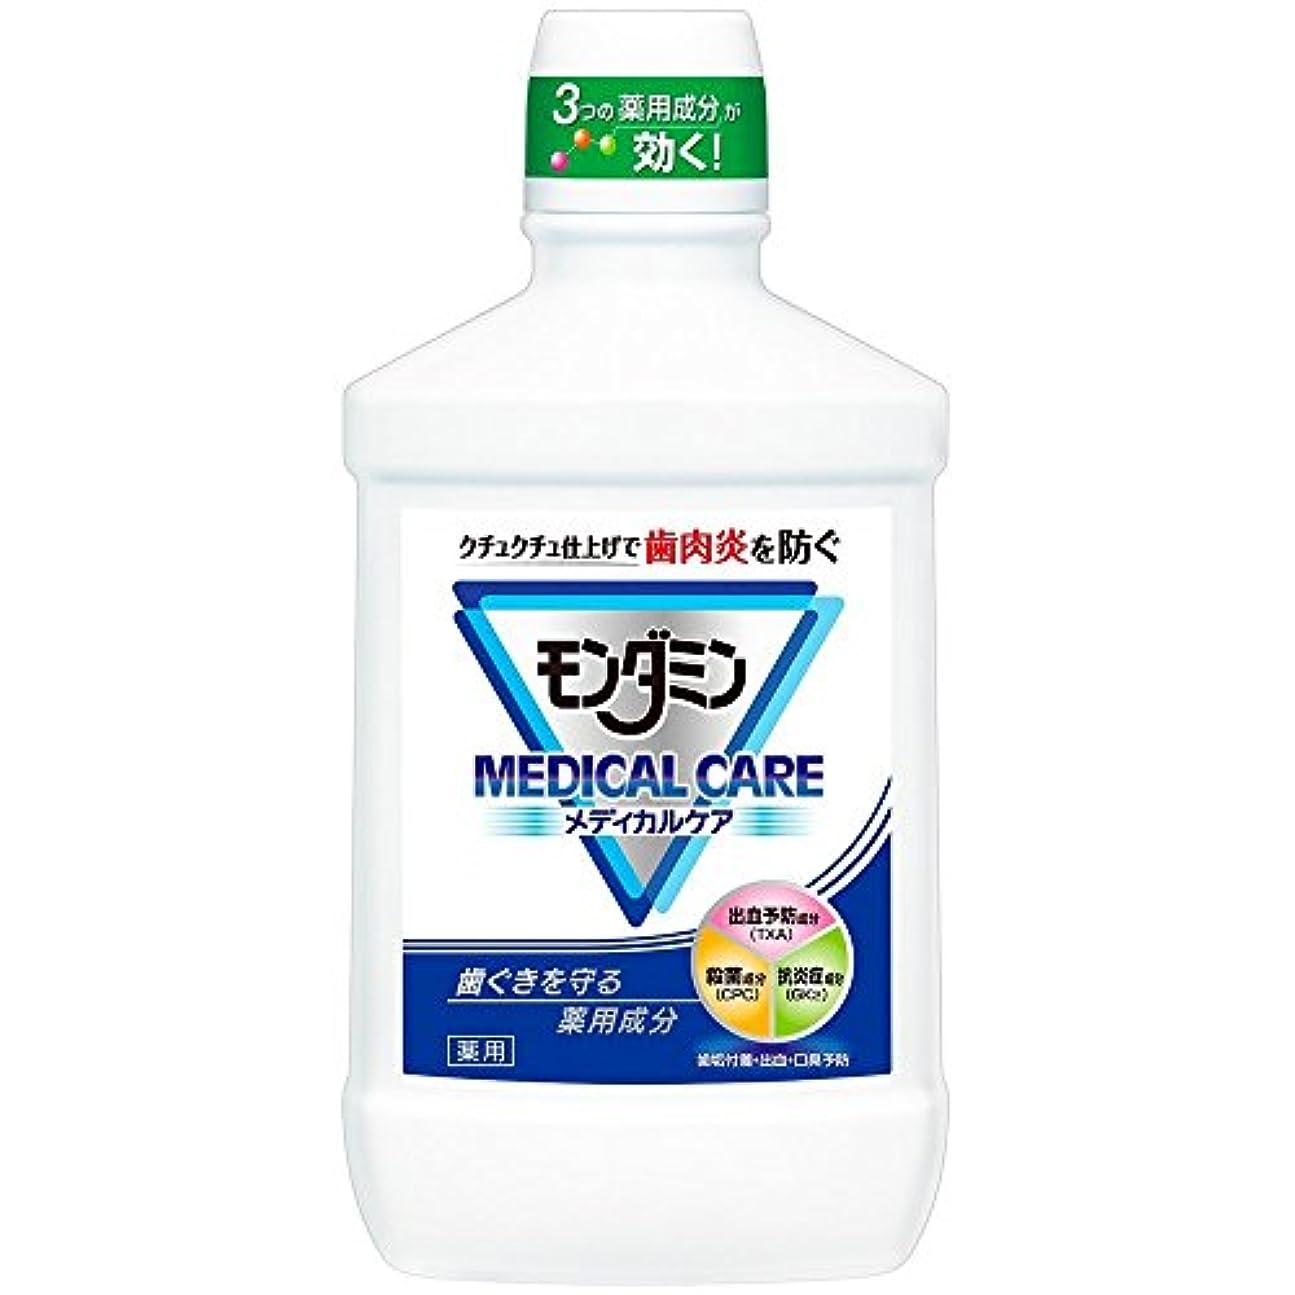 関連する品種全体に【アース製薬】モンダミン メディカルケア 1000ml ×5個セット